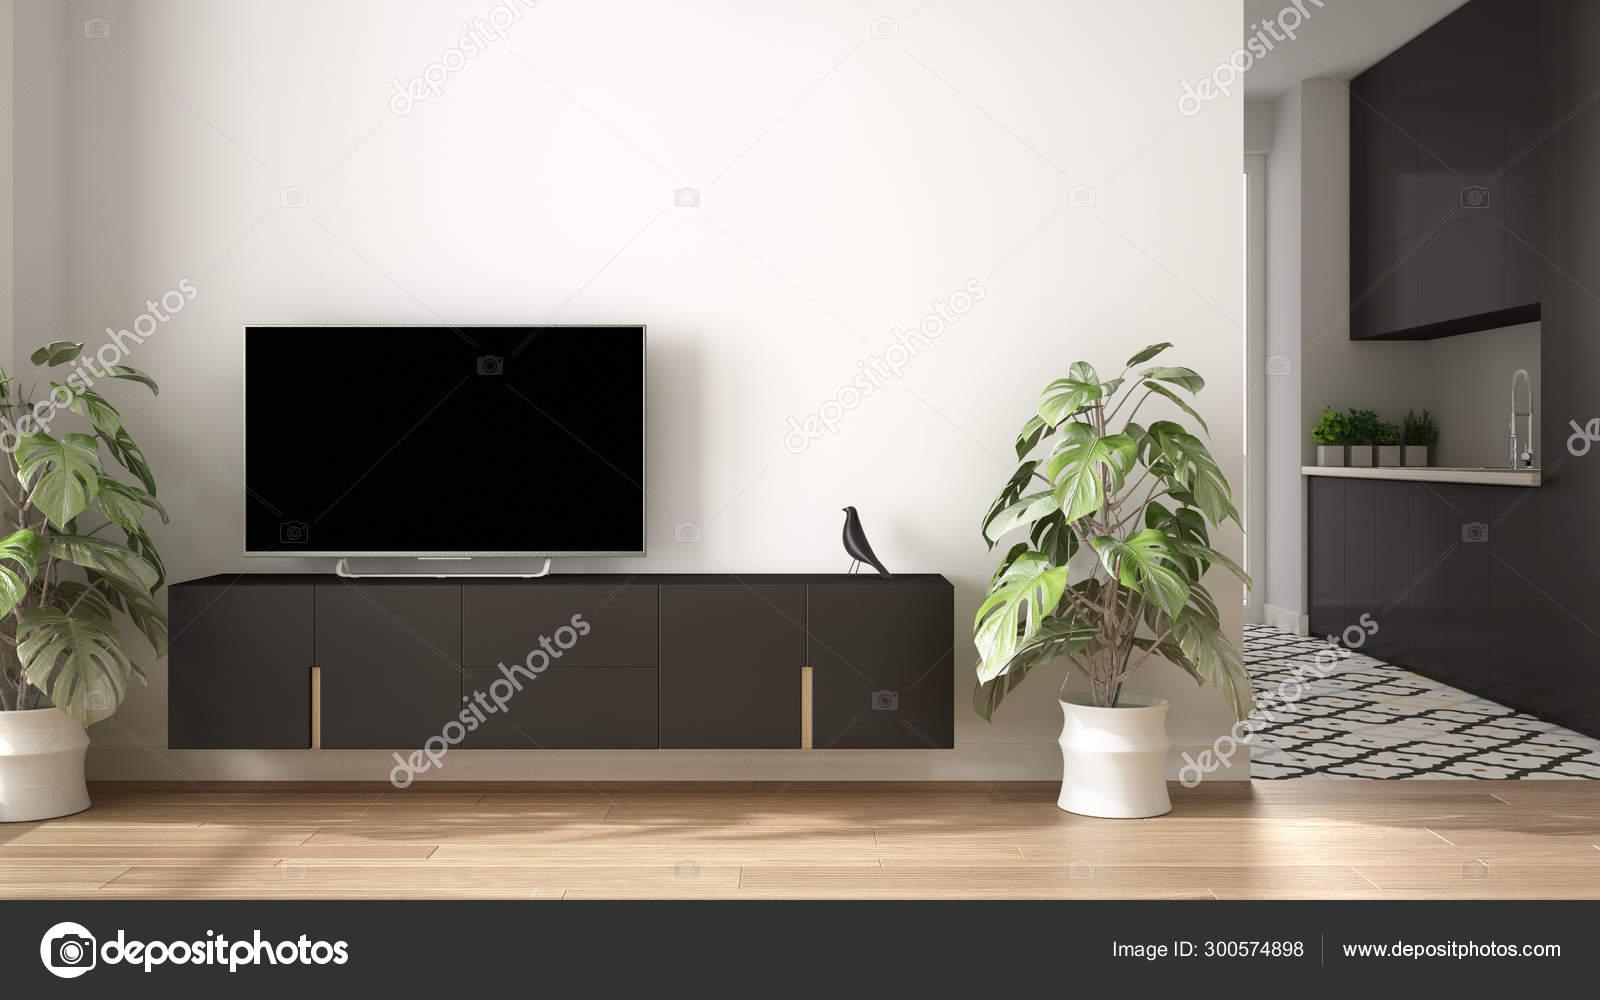 Modernes Minimalistisches Weisses Und Graues Wohnzimmer Mit